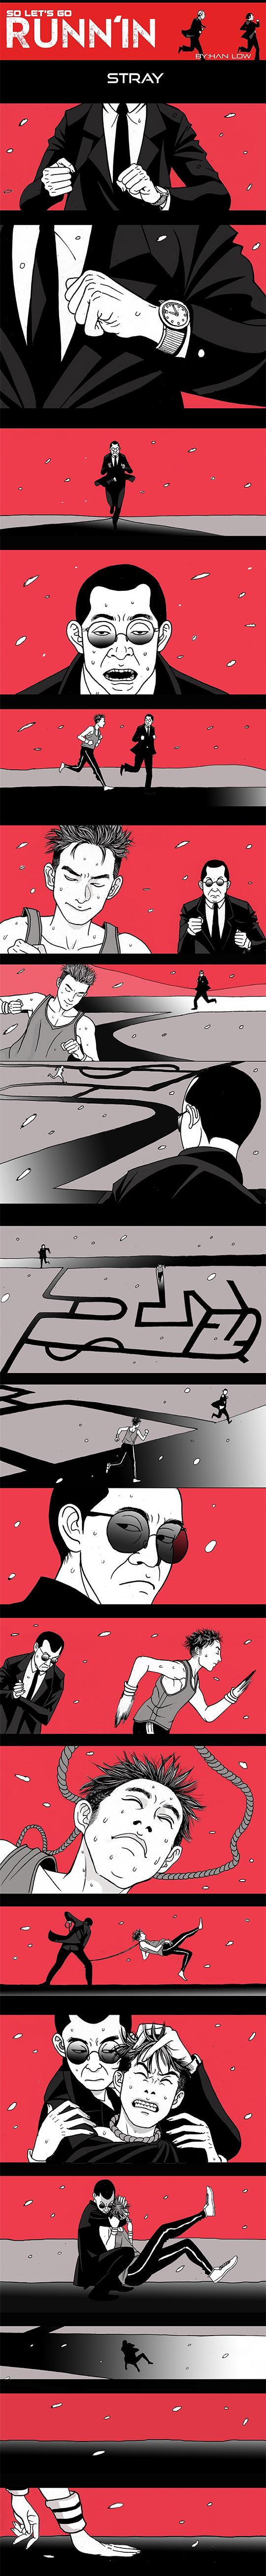 Chạy và Chạy chap 9: Lạc lối